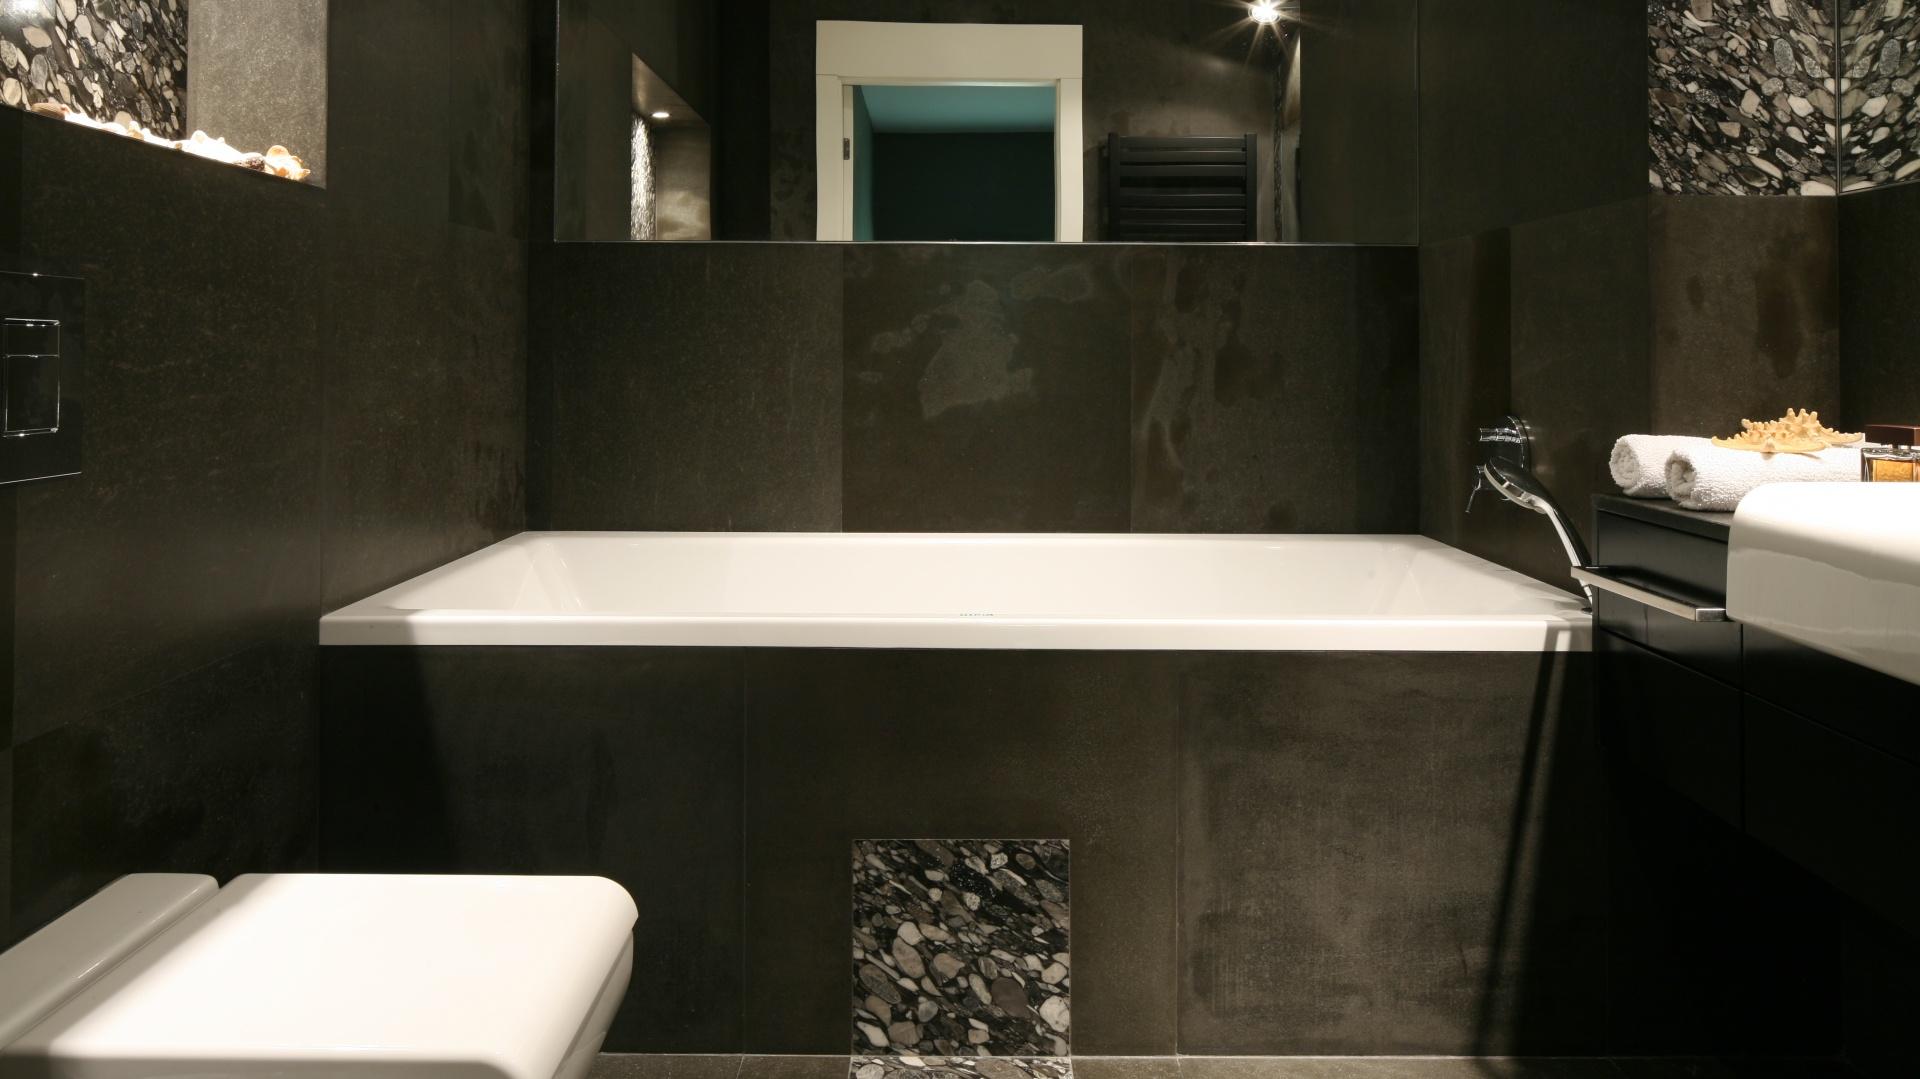 Aranżację łazienki zdominował kamień naturalny. Okładziny wykonane zostały z bazaltowych płyt. Lustro nad wanną dodaje wnętrzu głębi. Fot. Bartosz Jarosz.